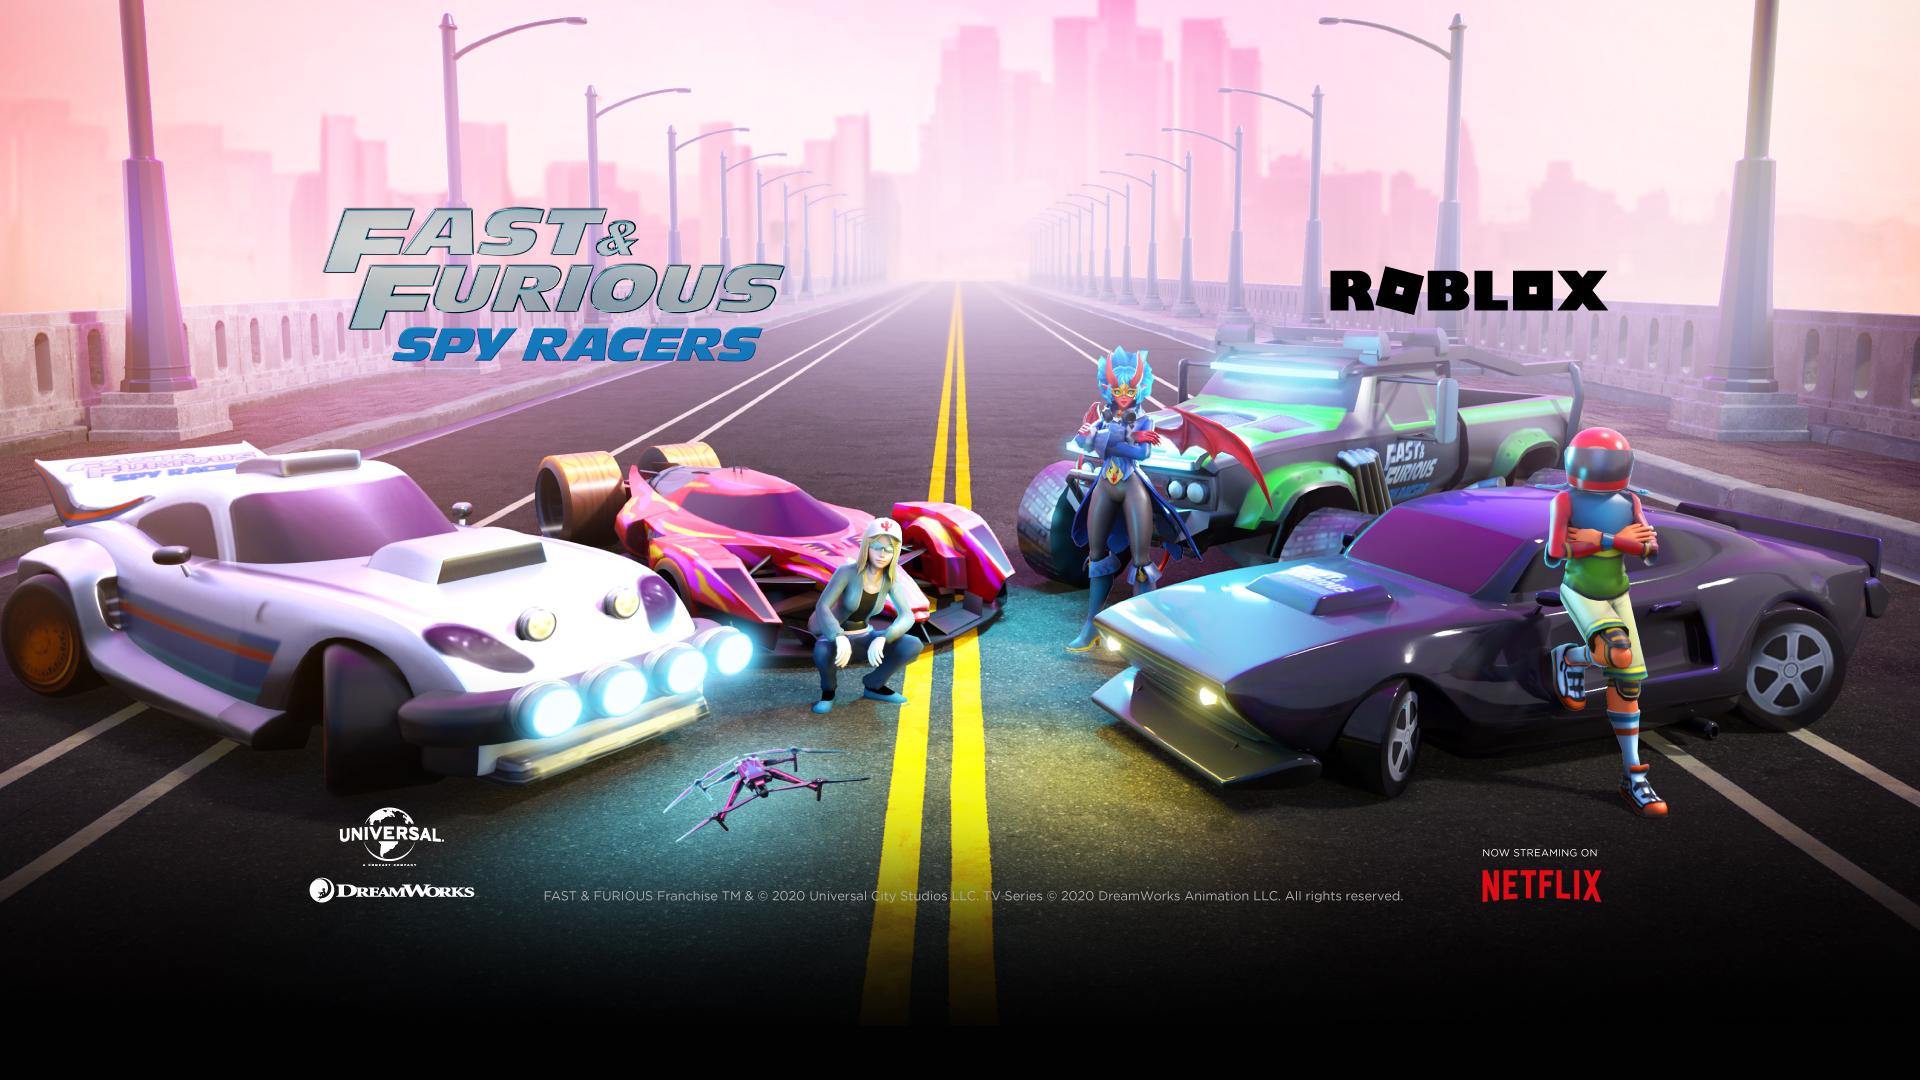 Tome el volante con nuevo contenido de Fast & Furious: Spy Racers